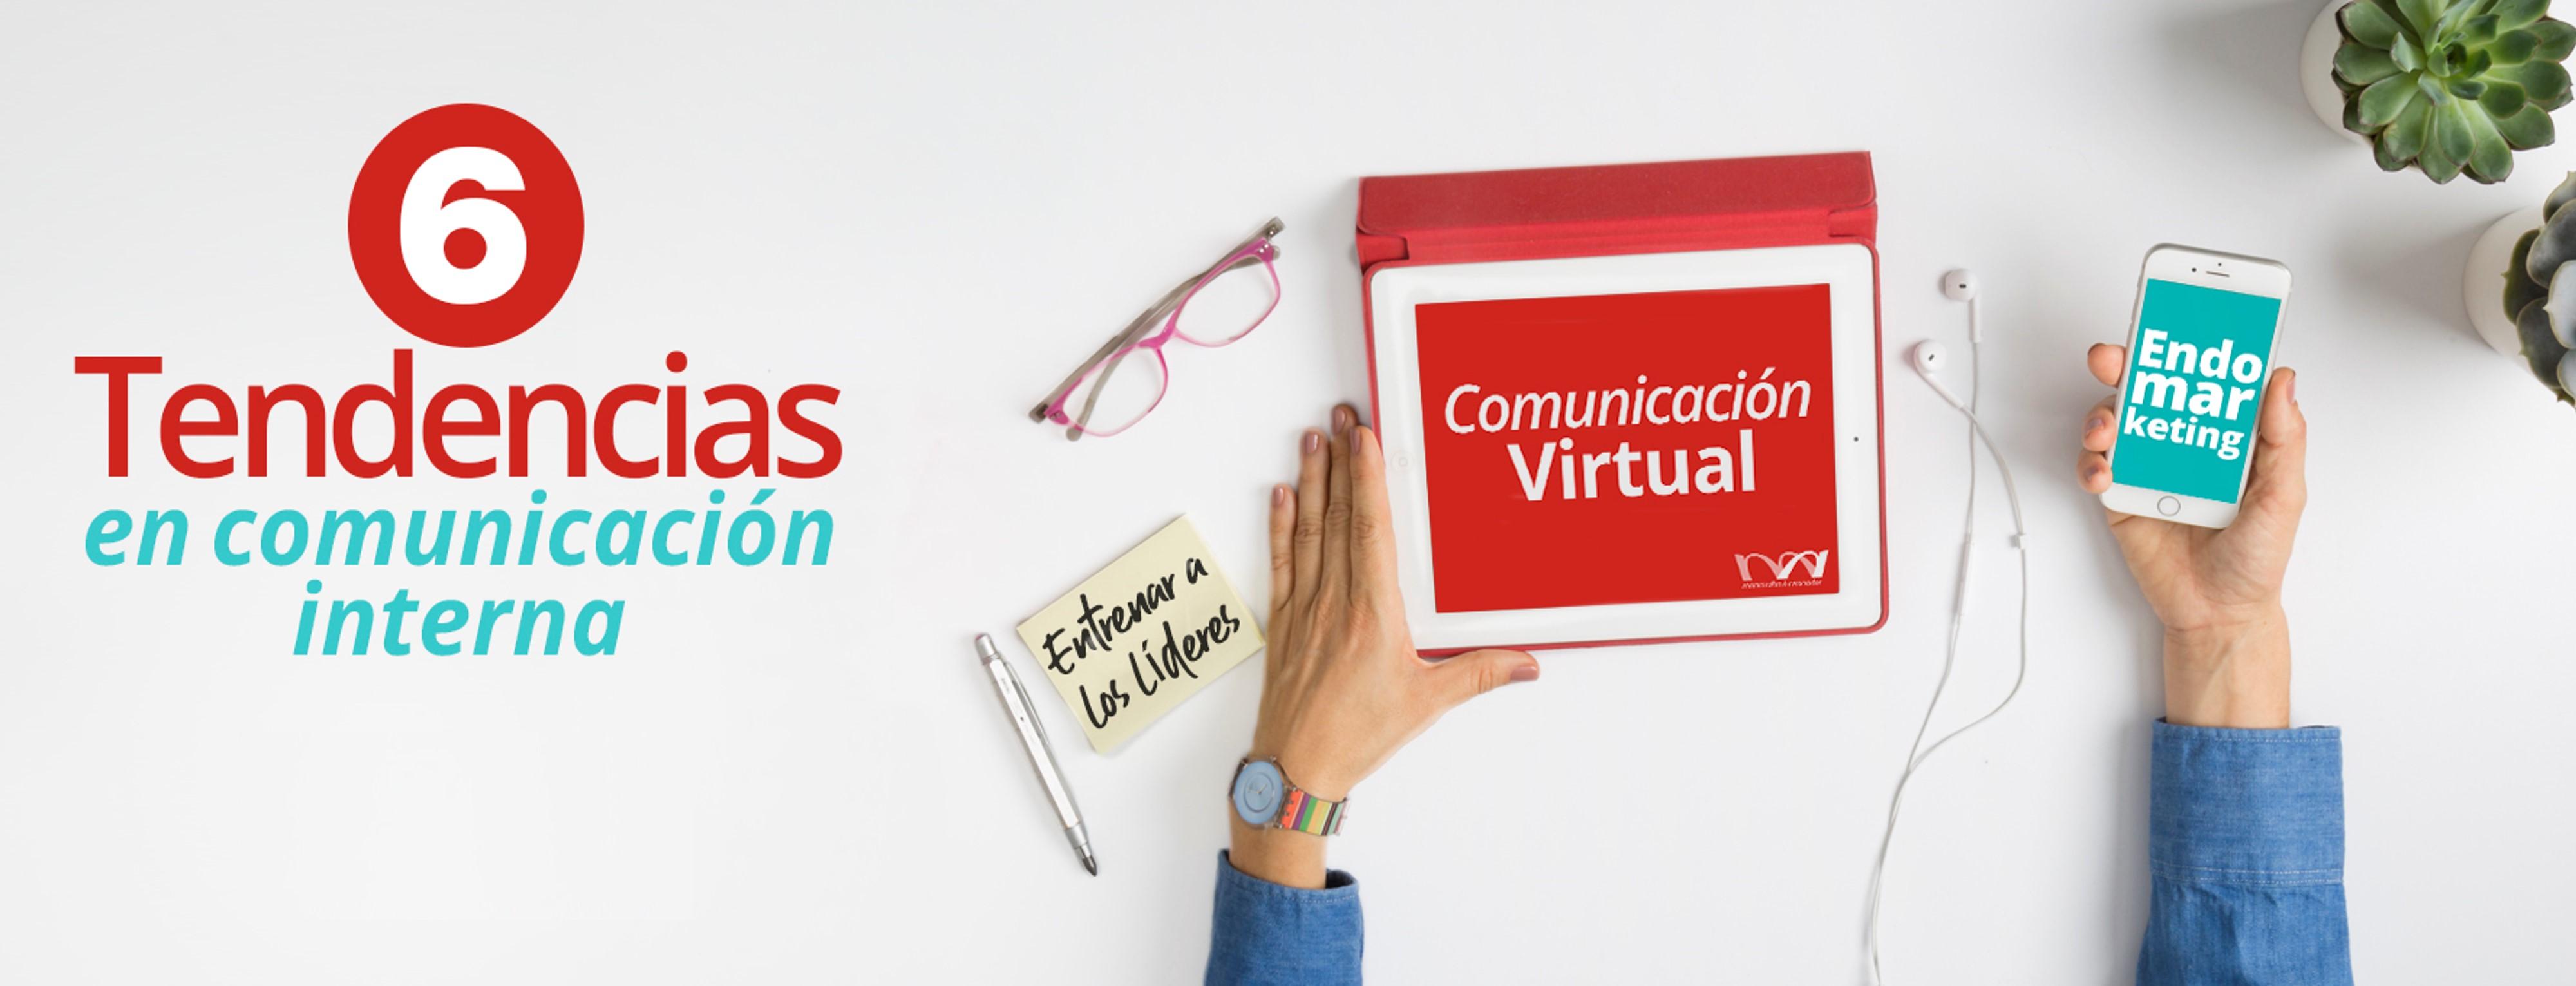 martin-alba-seis-tendencias-en-comunicacion-interna-comunicacion-corporativa-endomarketing